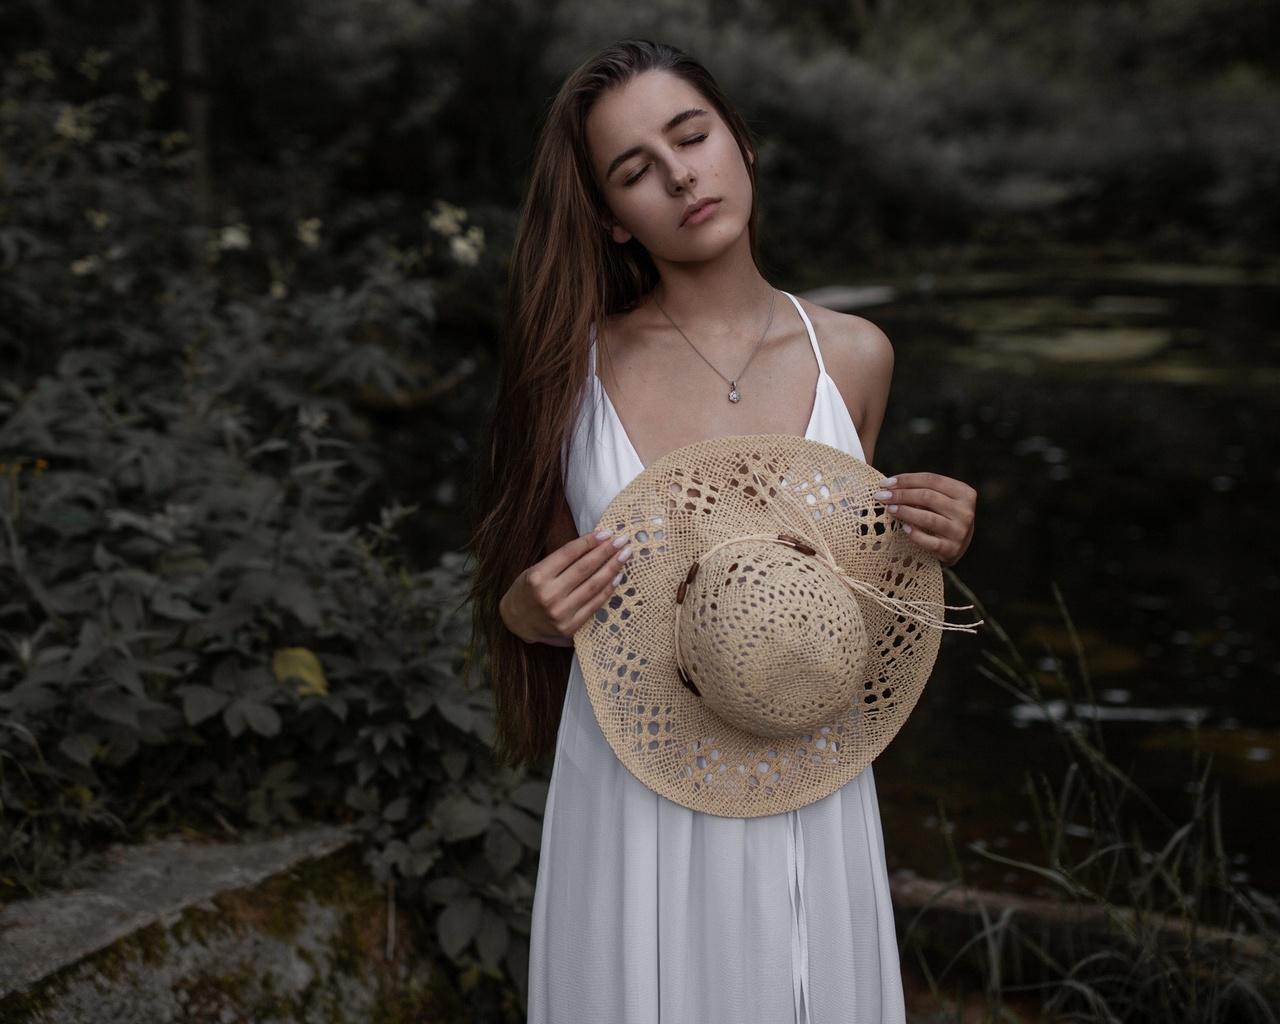 andrey frolov, проф фото, девушка, на природе, длинные волосы